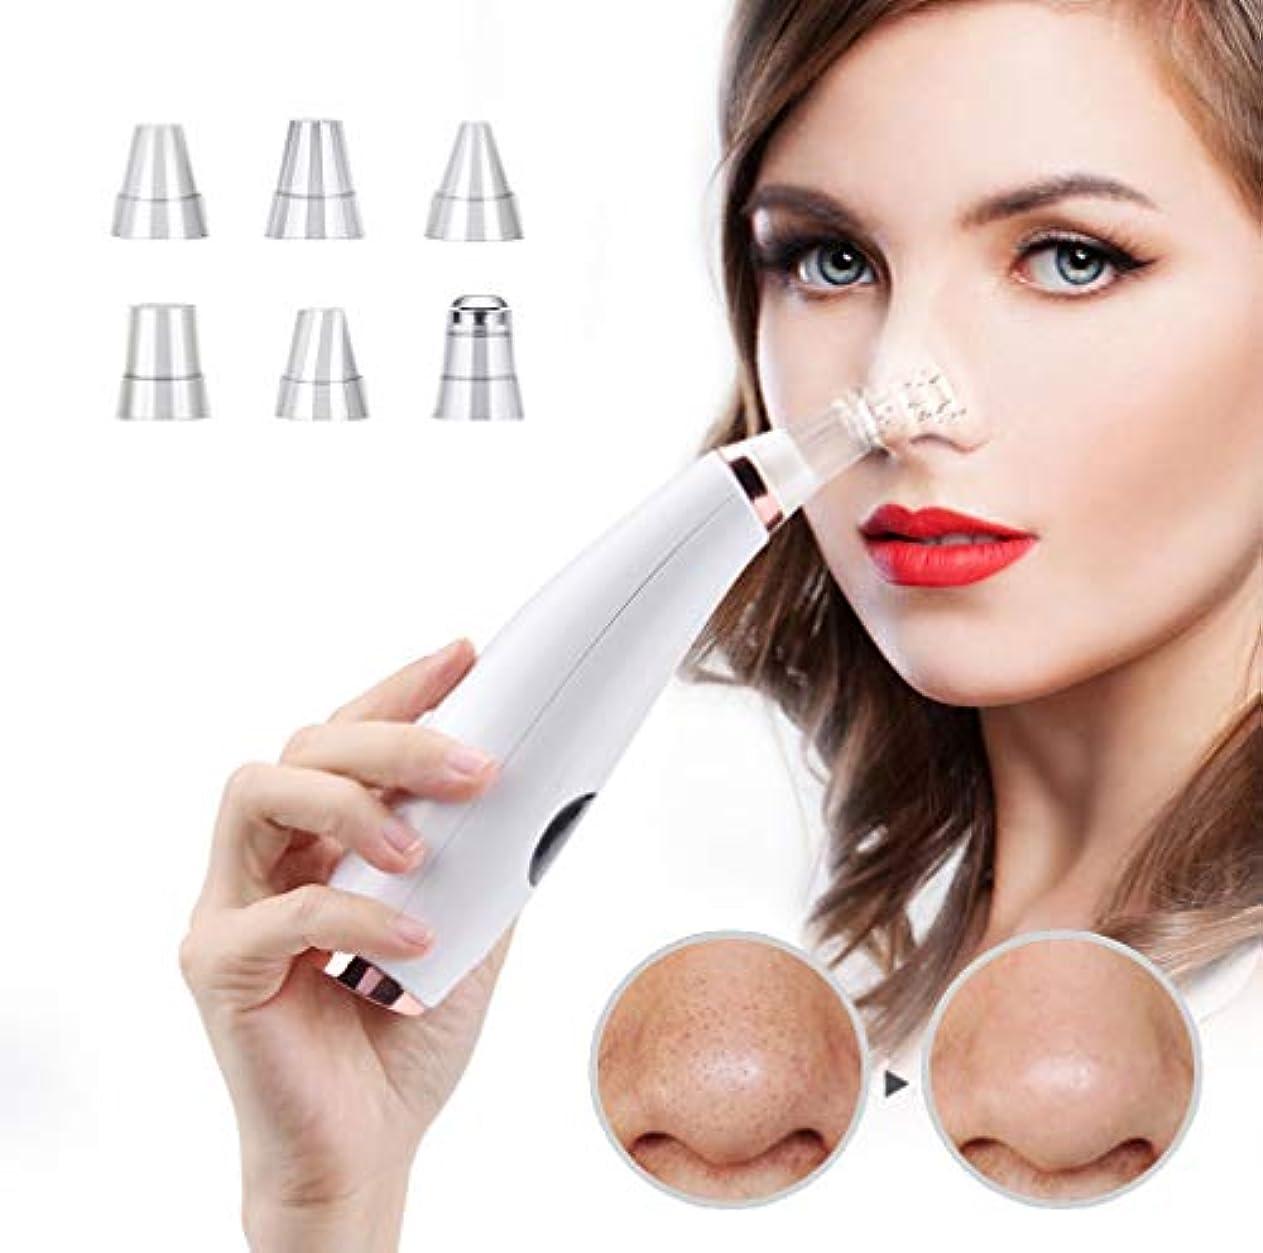 文明化する火星法律6に1ブラックヘッドリムーバー真空ツール美容顔とスキンケアにきび治療ツール用男性女性顔クリーナー吸引電気デバイス